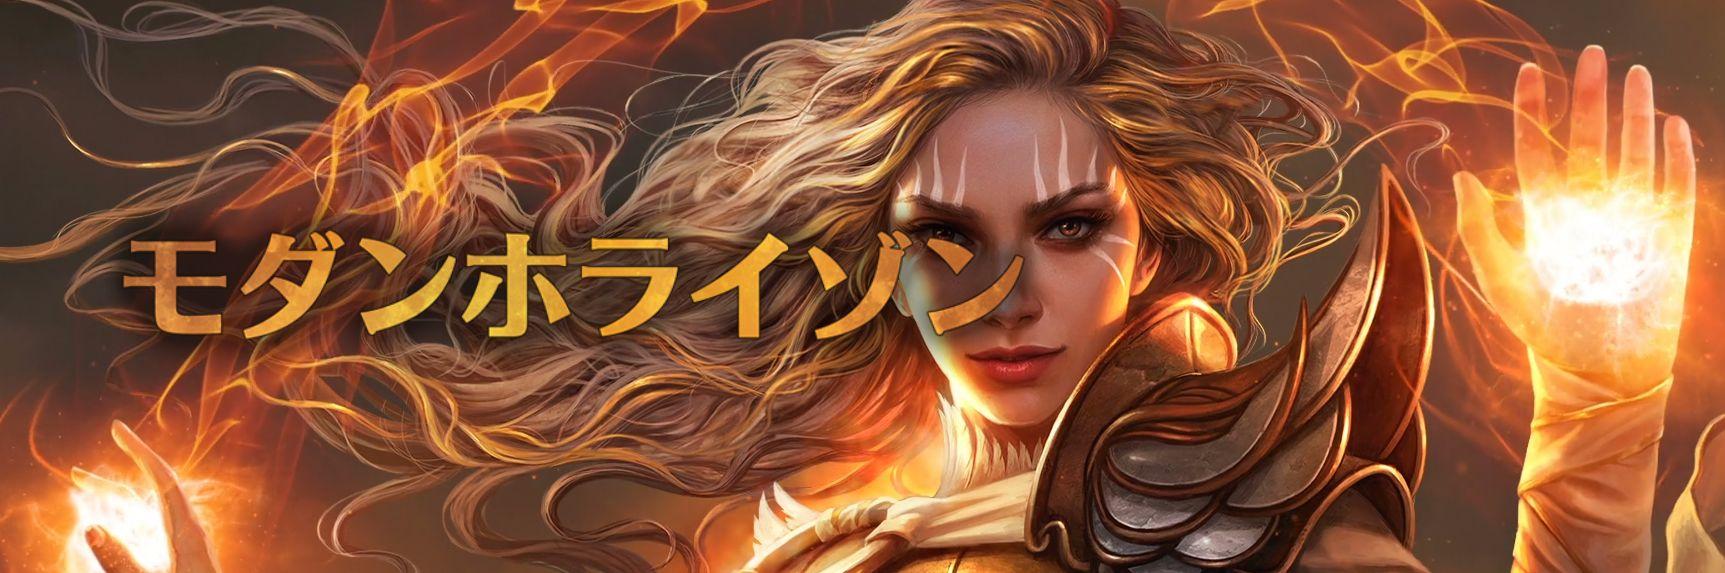 【ギャラリー】MTG「モダンホライゾン」の日本語版公式イメージギャラリーが公開!